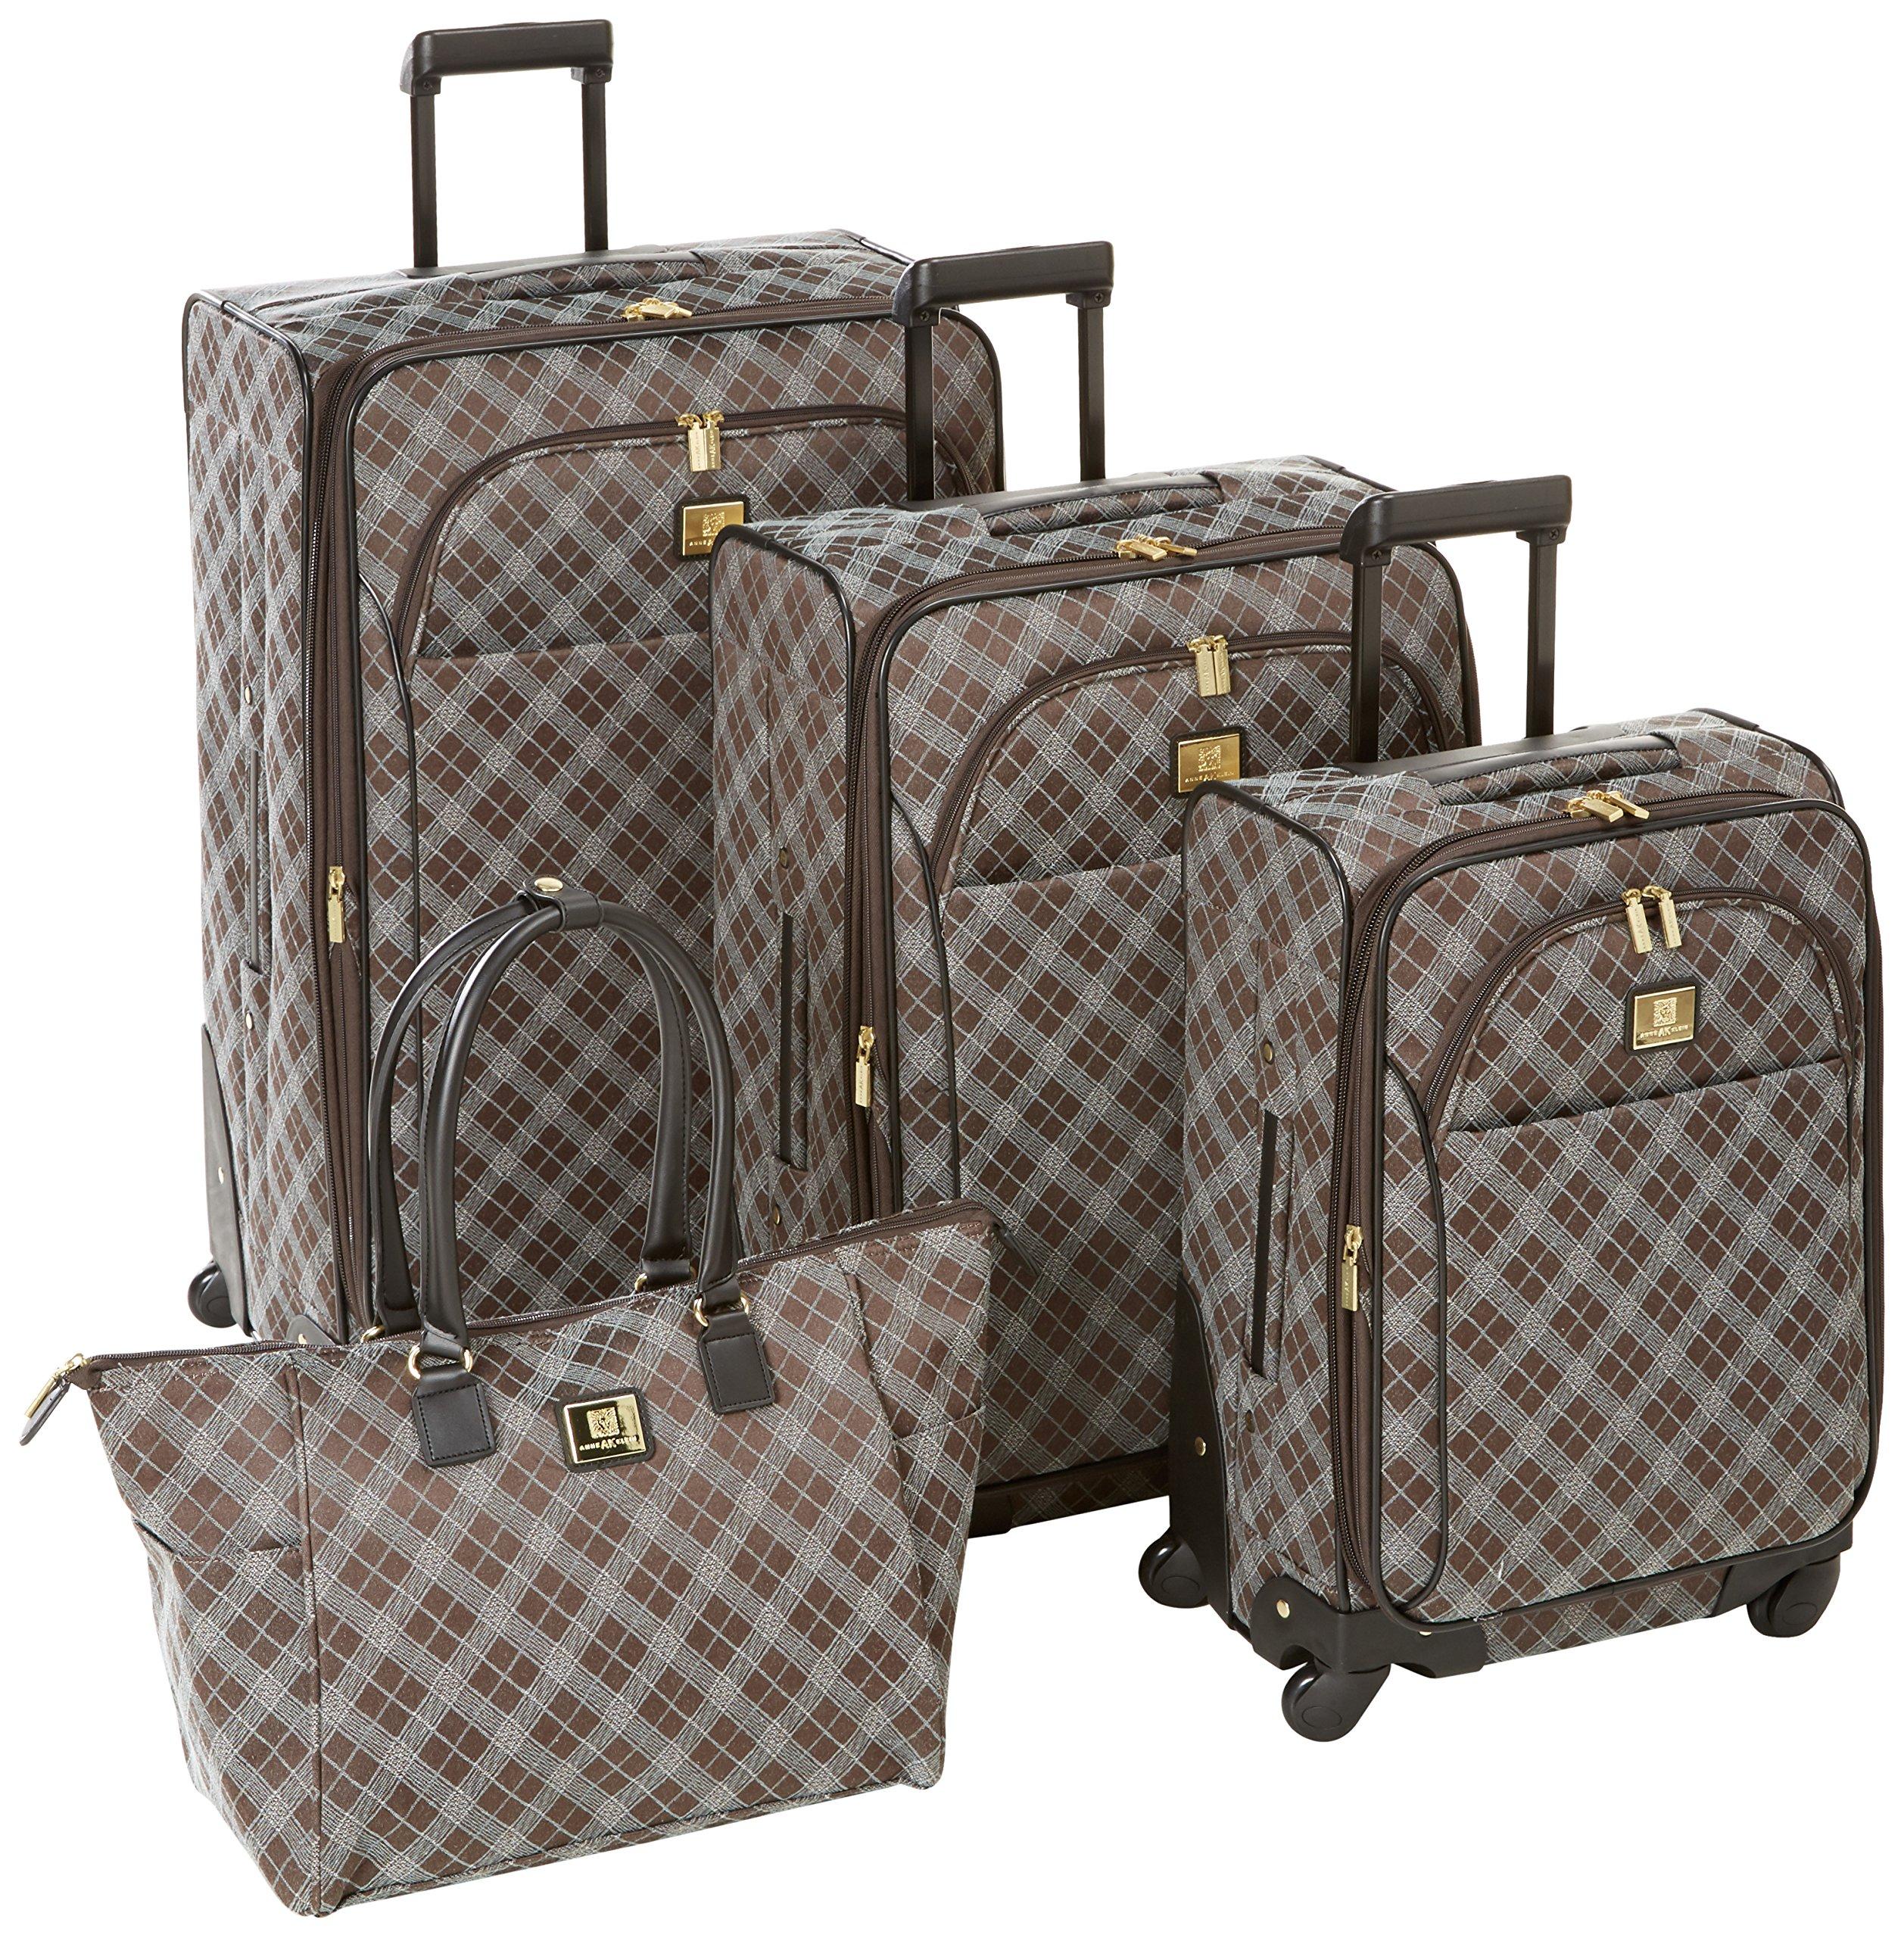 Anne Klein Madison 4 Piece Luggage Set, Black